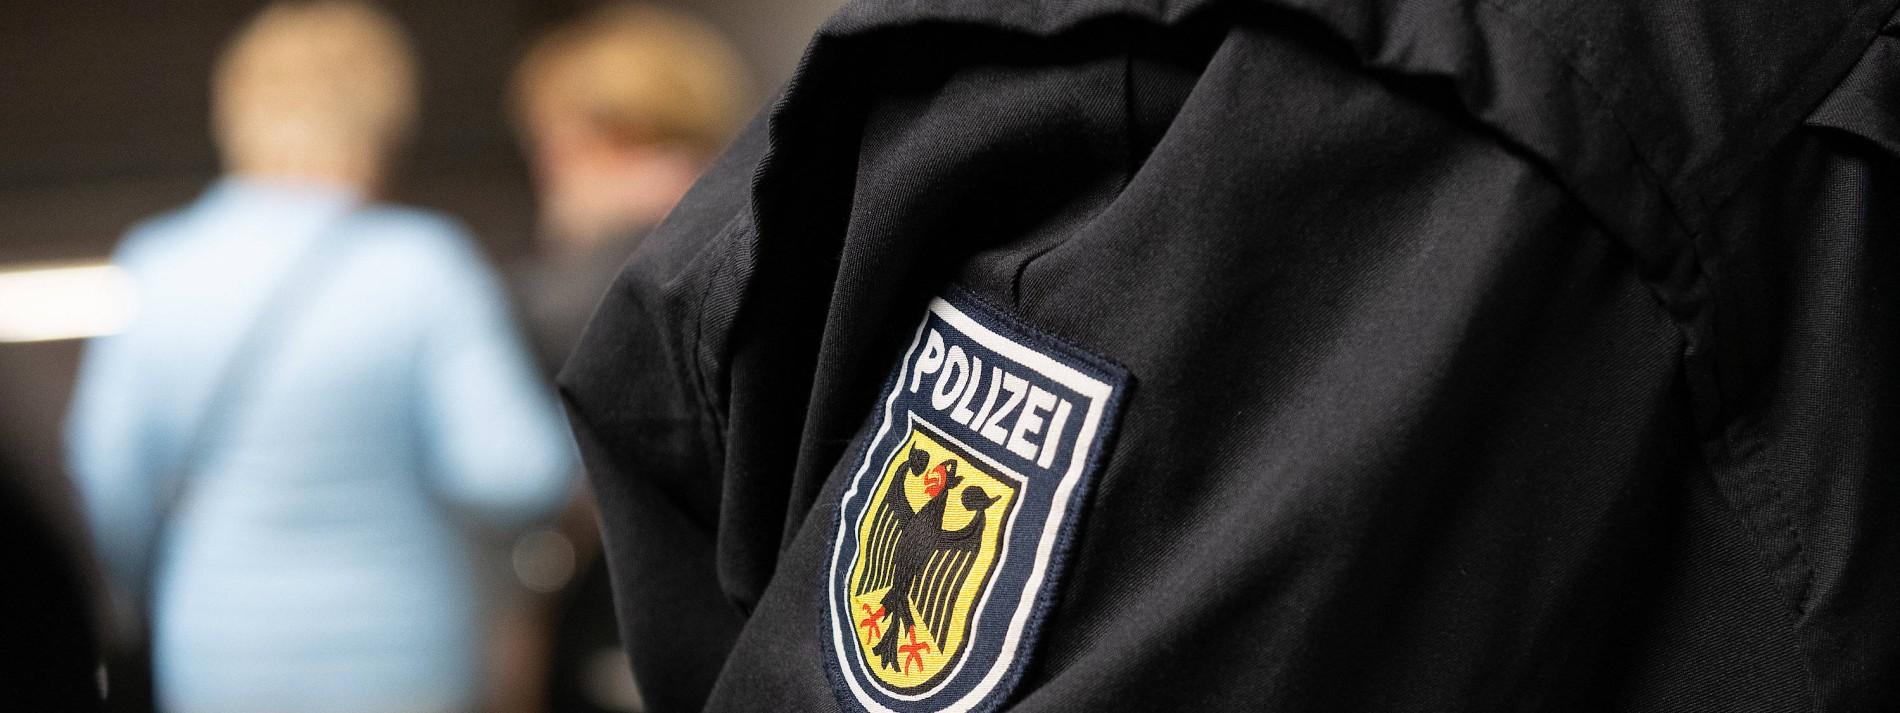 Bundespolizist wegen Einbruchs in Untersuchungshaft